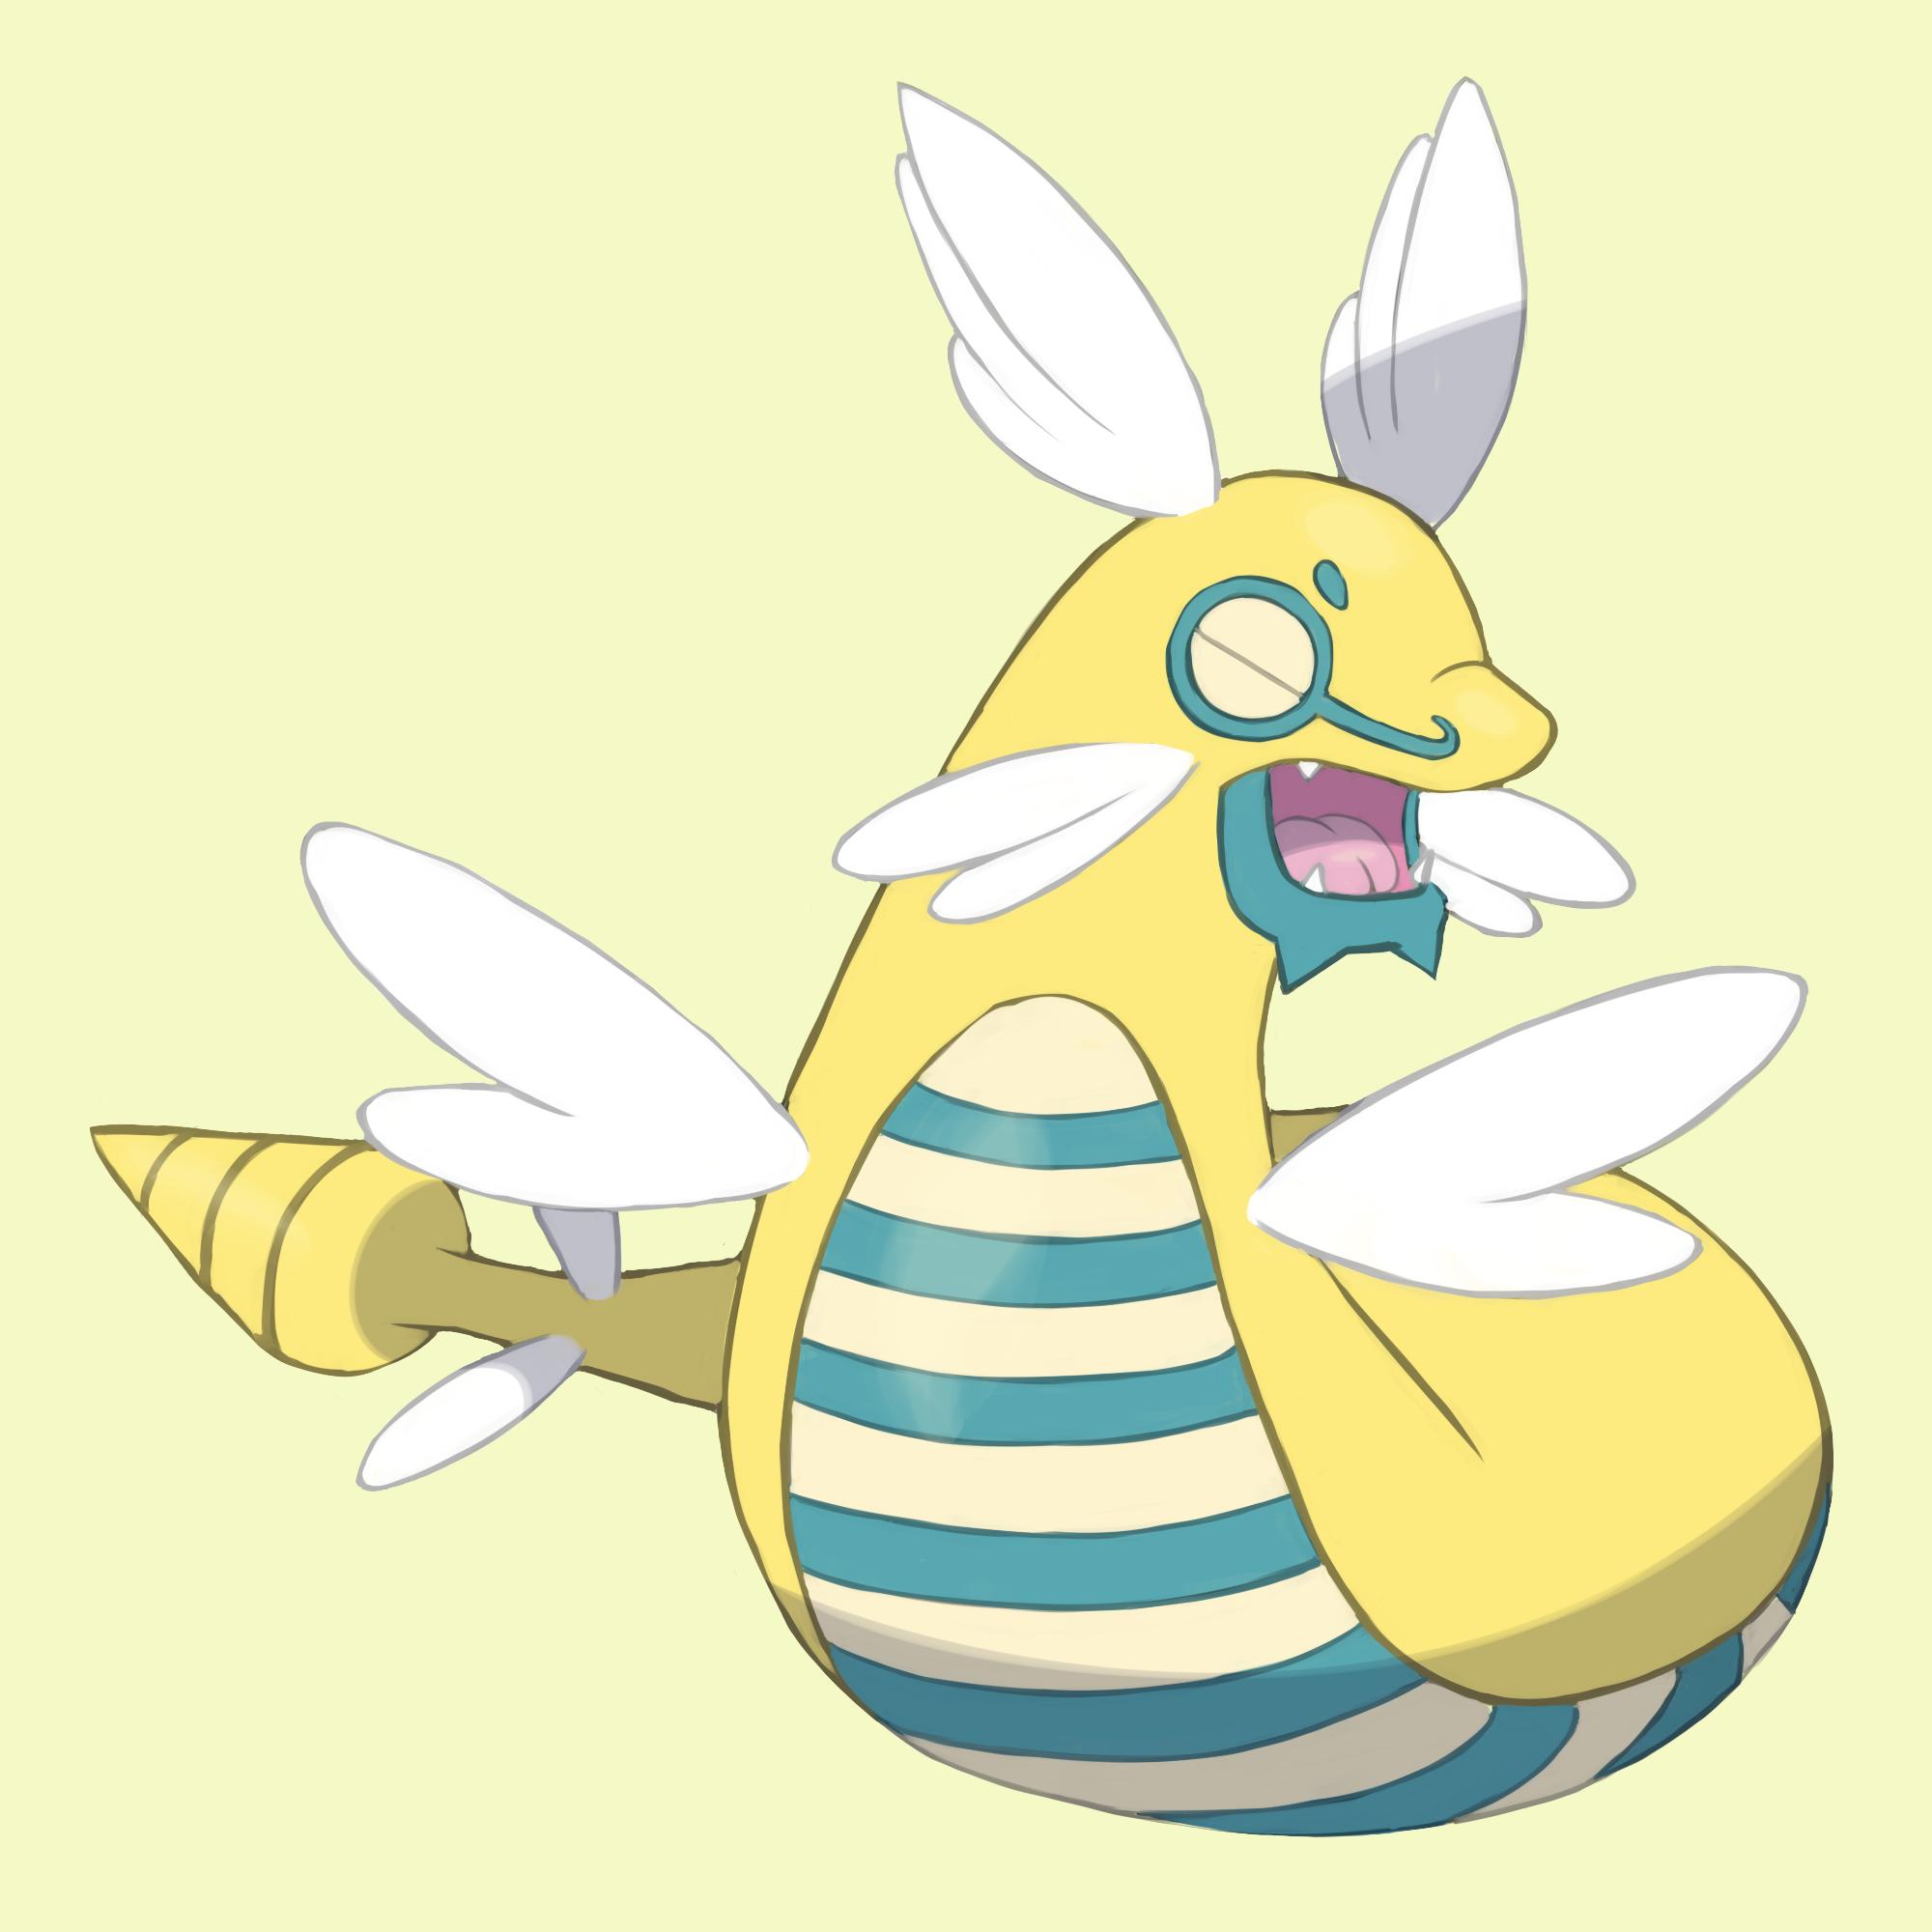 Dunsparce Evolution Mega Evolution Pokemon Go Moments Pinterest